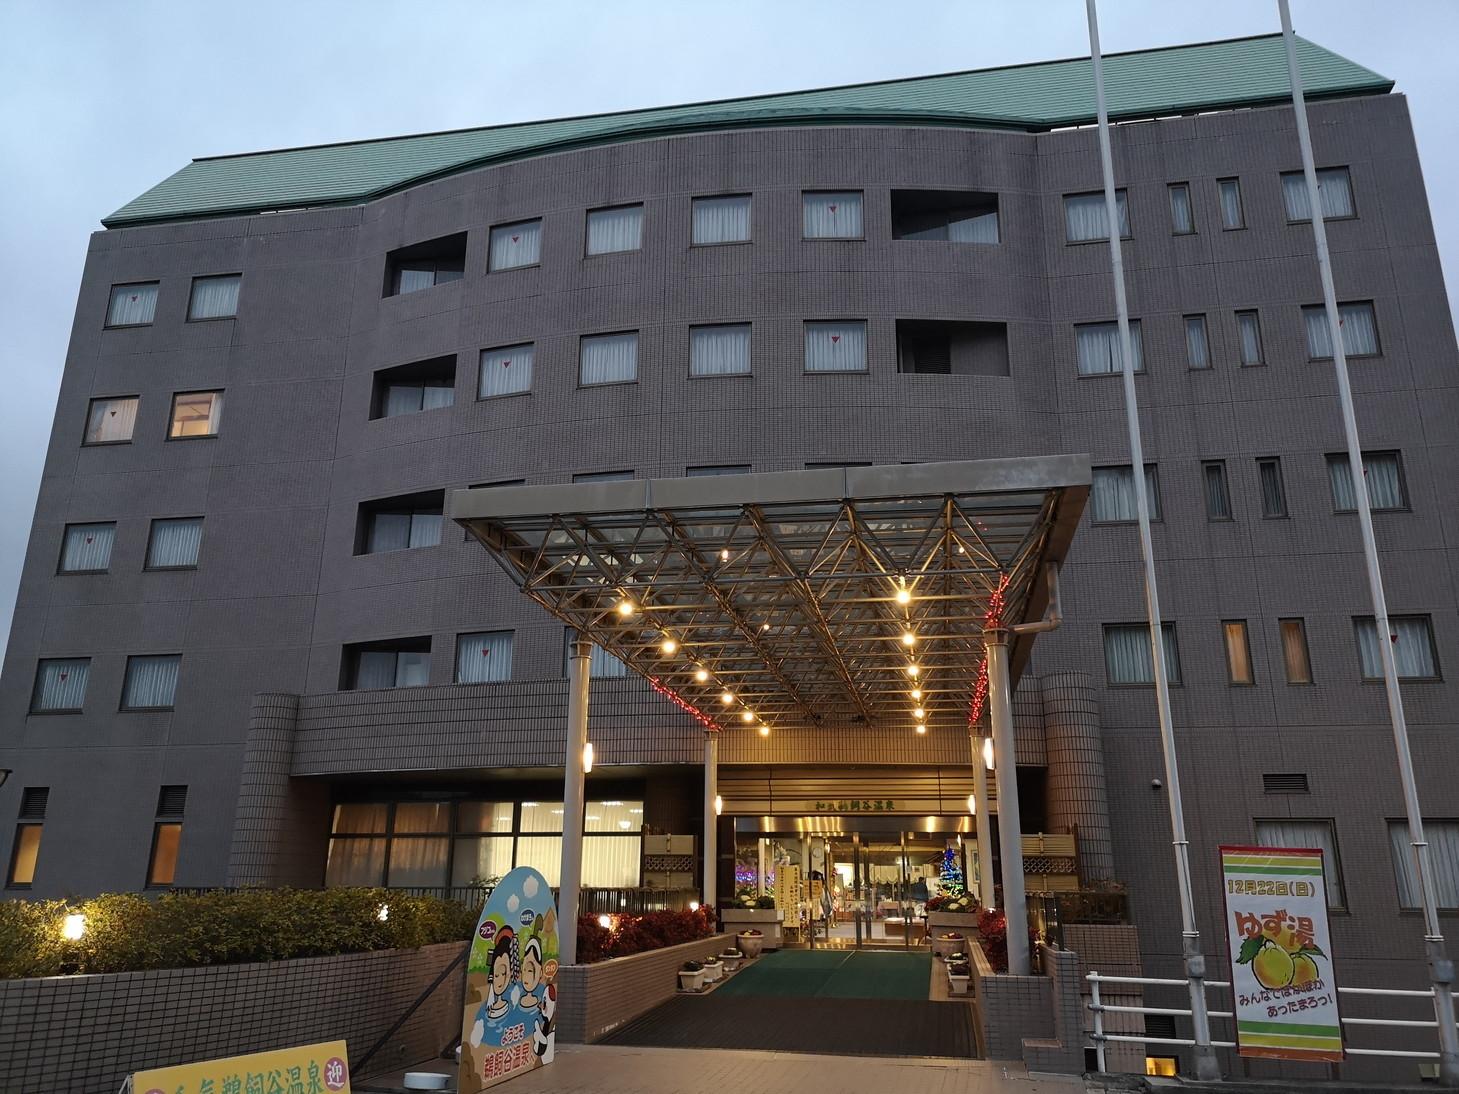 20191219_和気鵜飼谷温泉 (26)